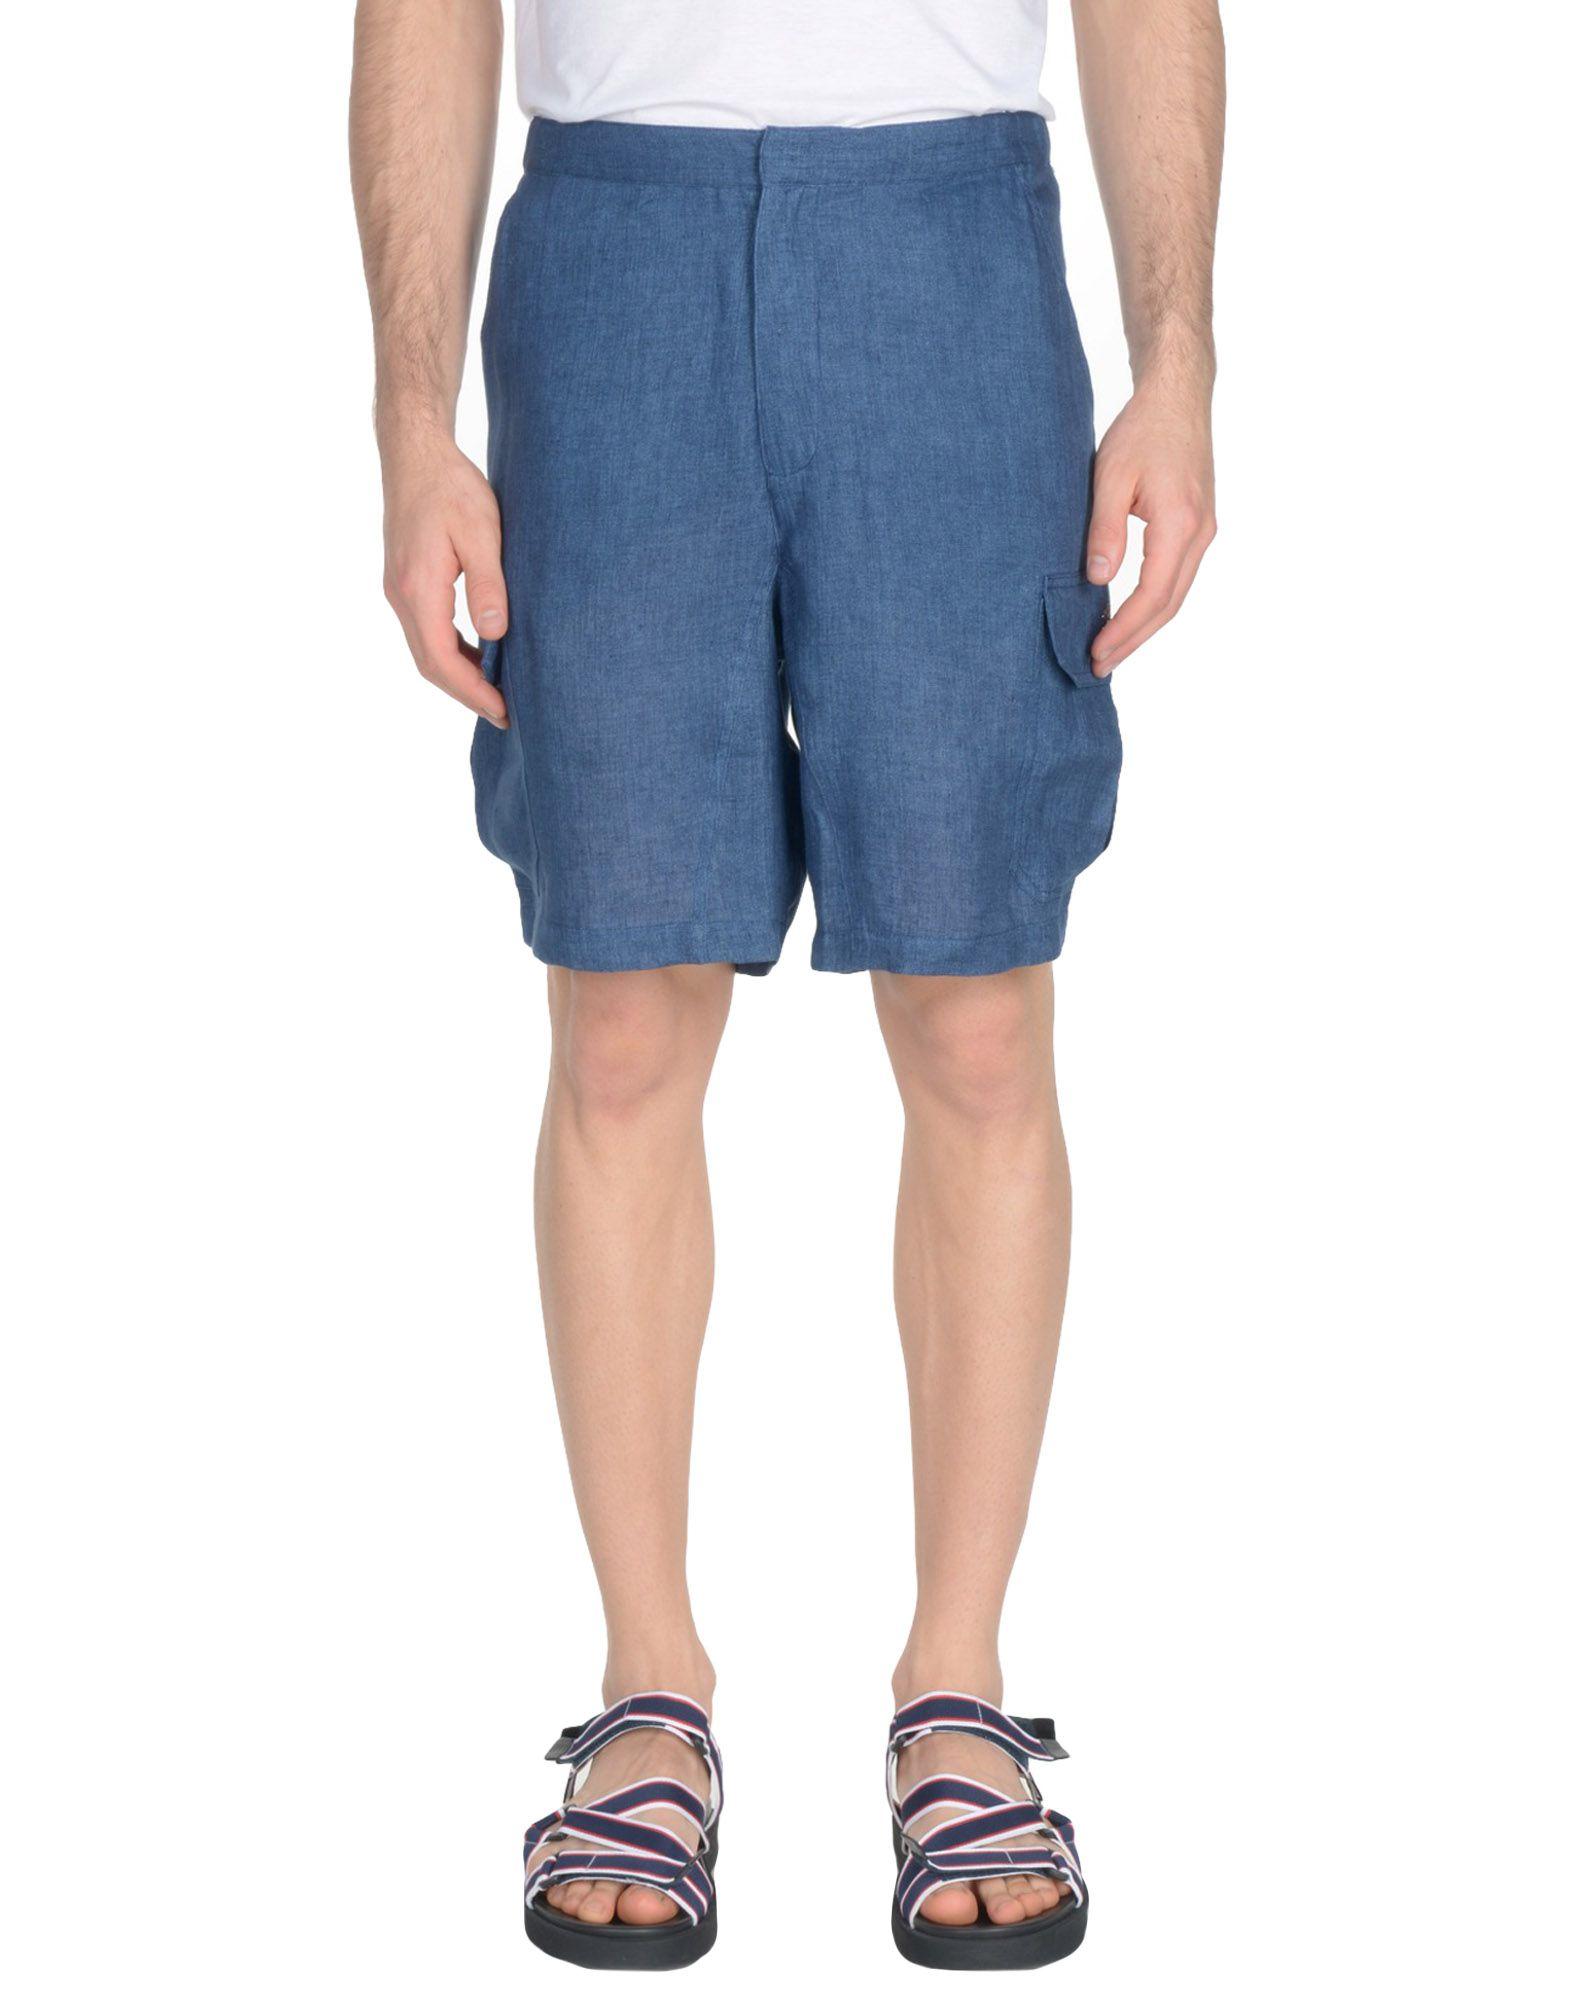 ROBERTO CAVALLI BEACHWEAR Пляжные брюки и шорты m 3xl мужская мода повседневная брюки летние спортивные шорты пляжные брюки фитнес шорты мужские купальные костюмы page 4